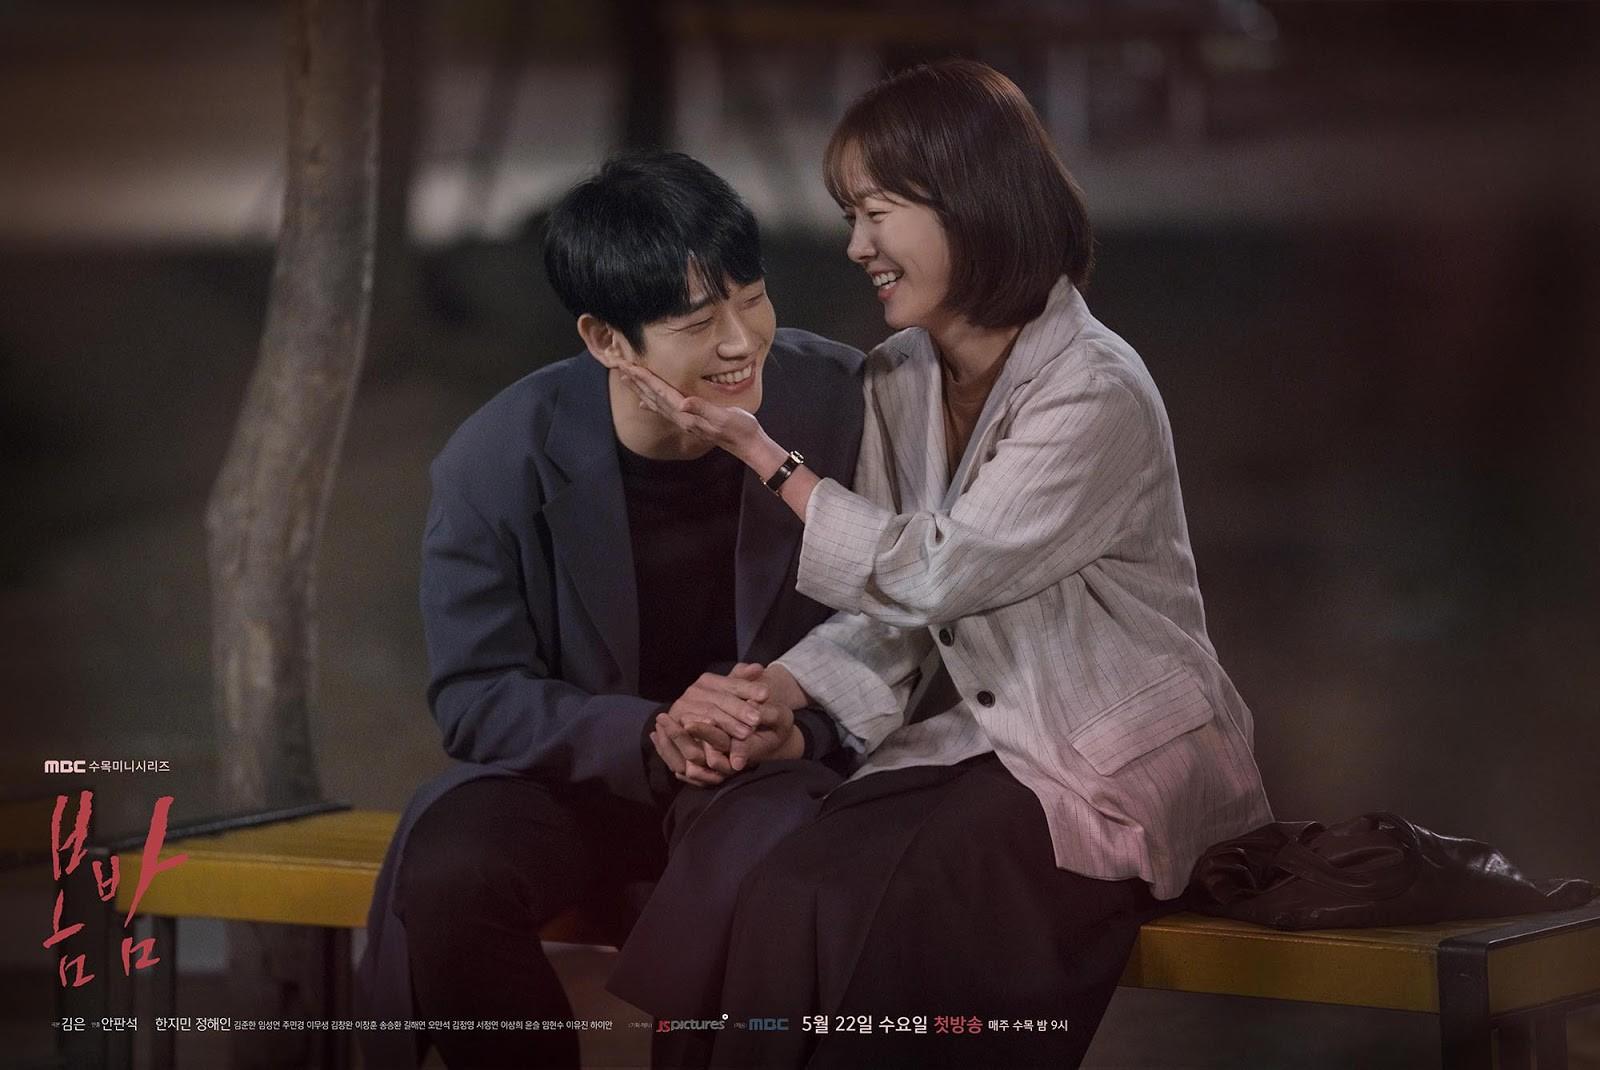 3 lí do khiến One Spring Night hot hơn Chị Đẹp Mua Cơm: Son Ye Jin xách dép cho nữ chính ở lí do cuối cùng! - Ảnh 8.